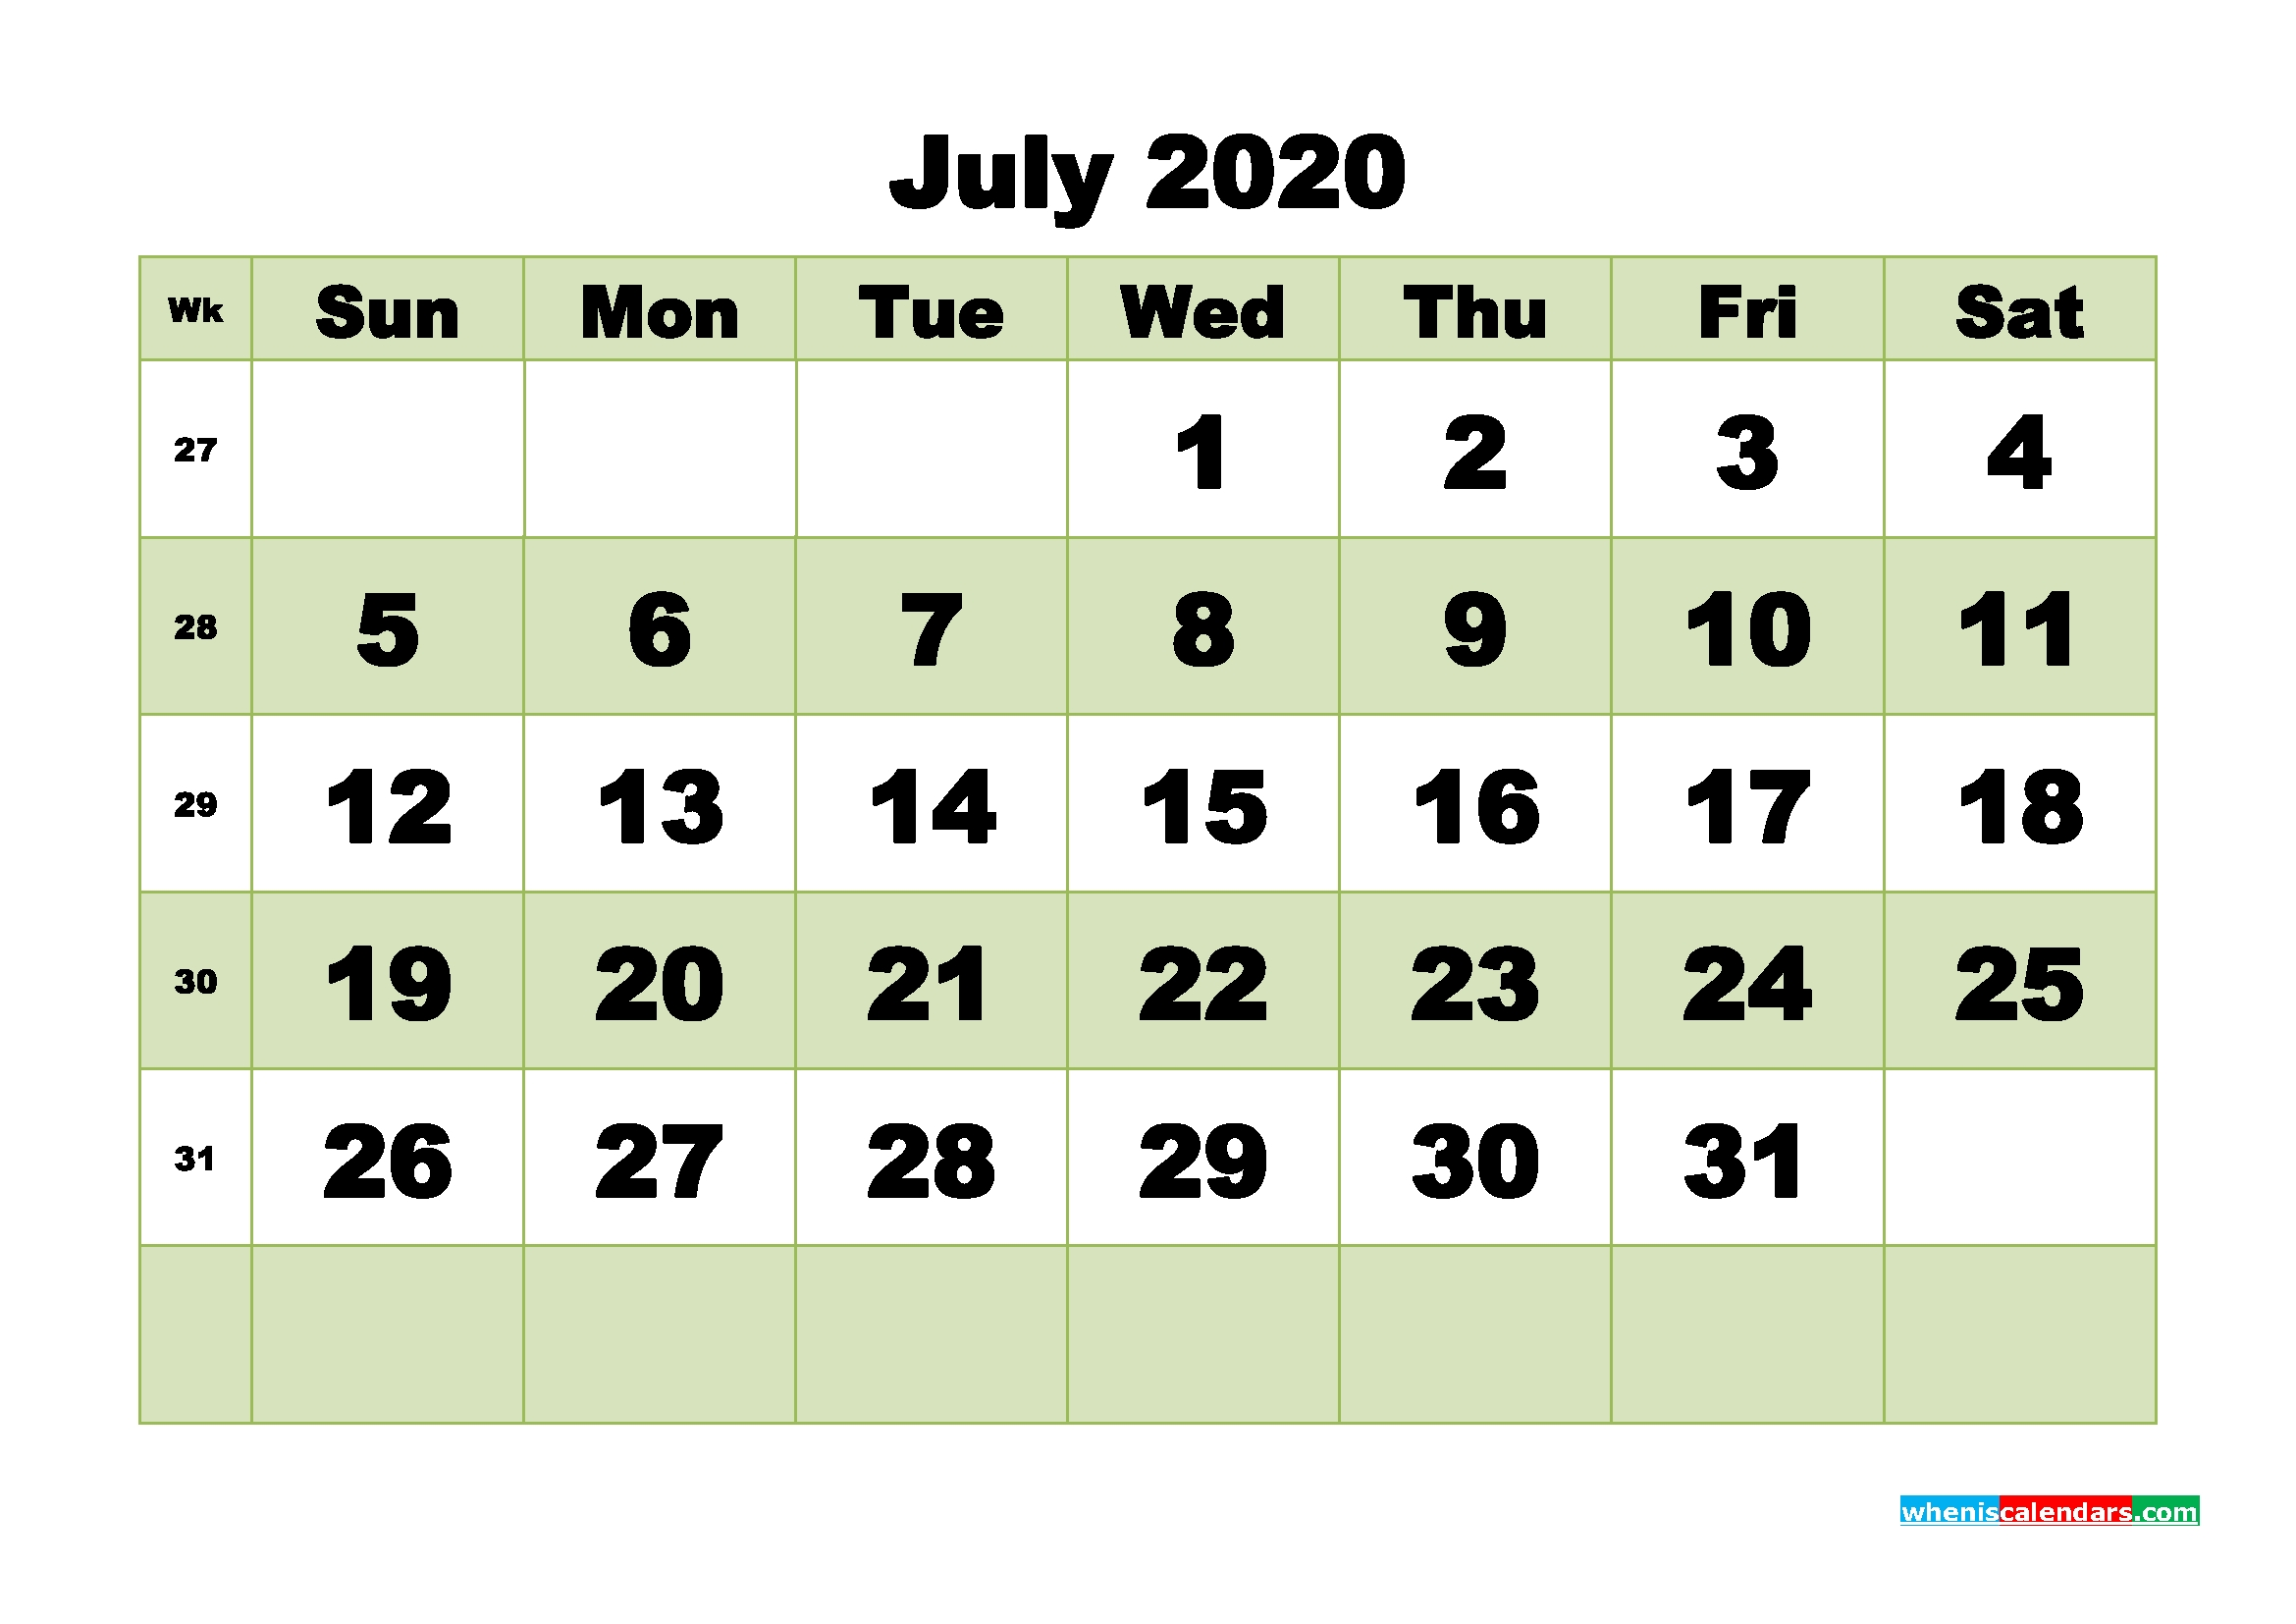 Free Blank Calendar July 2020 Printable - No.m20B475 | Free-Blank 3 Month Calendar 2020 Printable